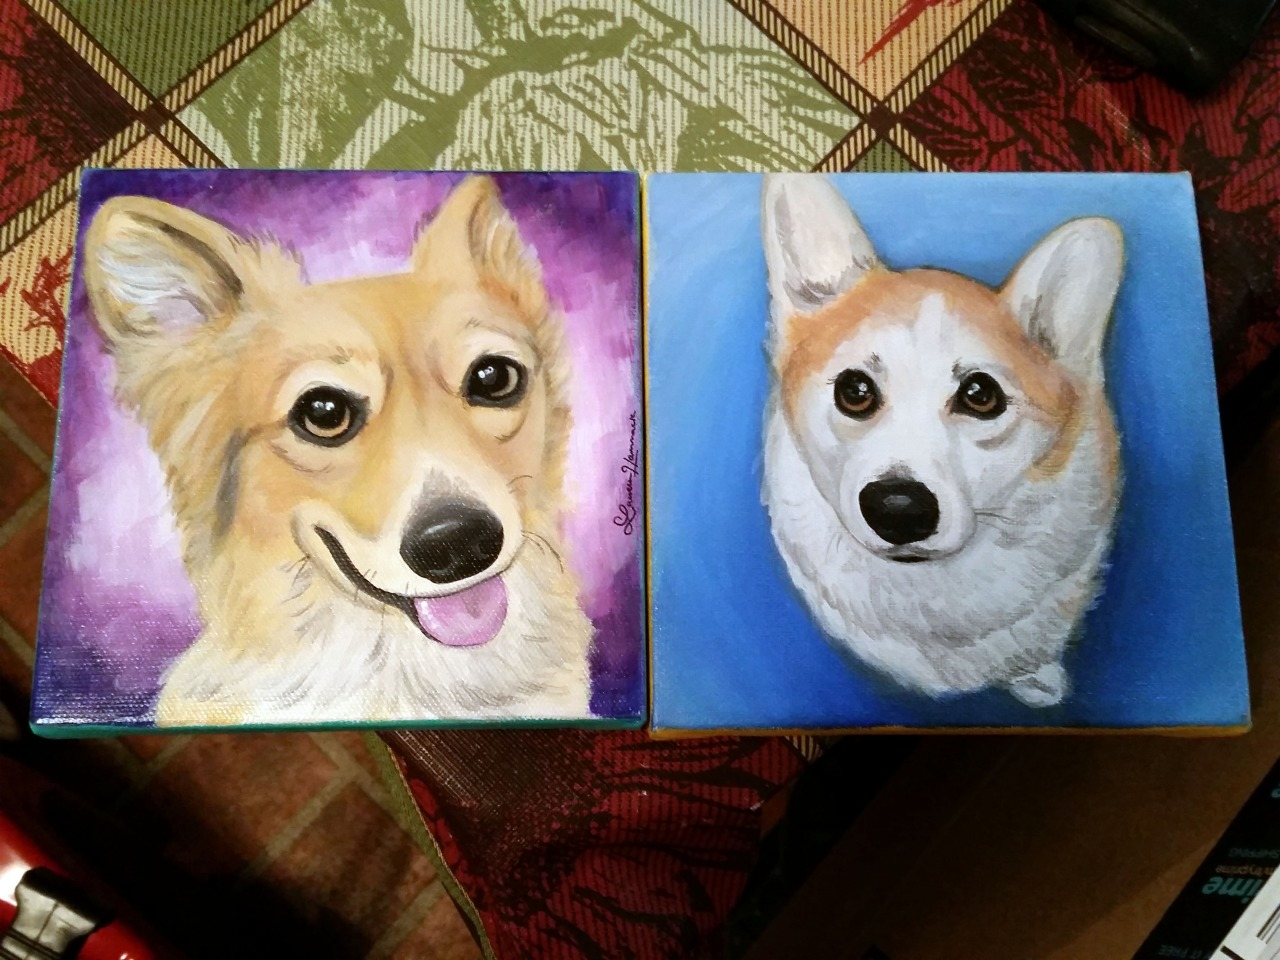 Cali and Machete's paintings!